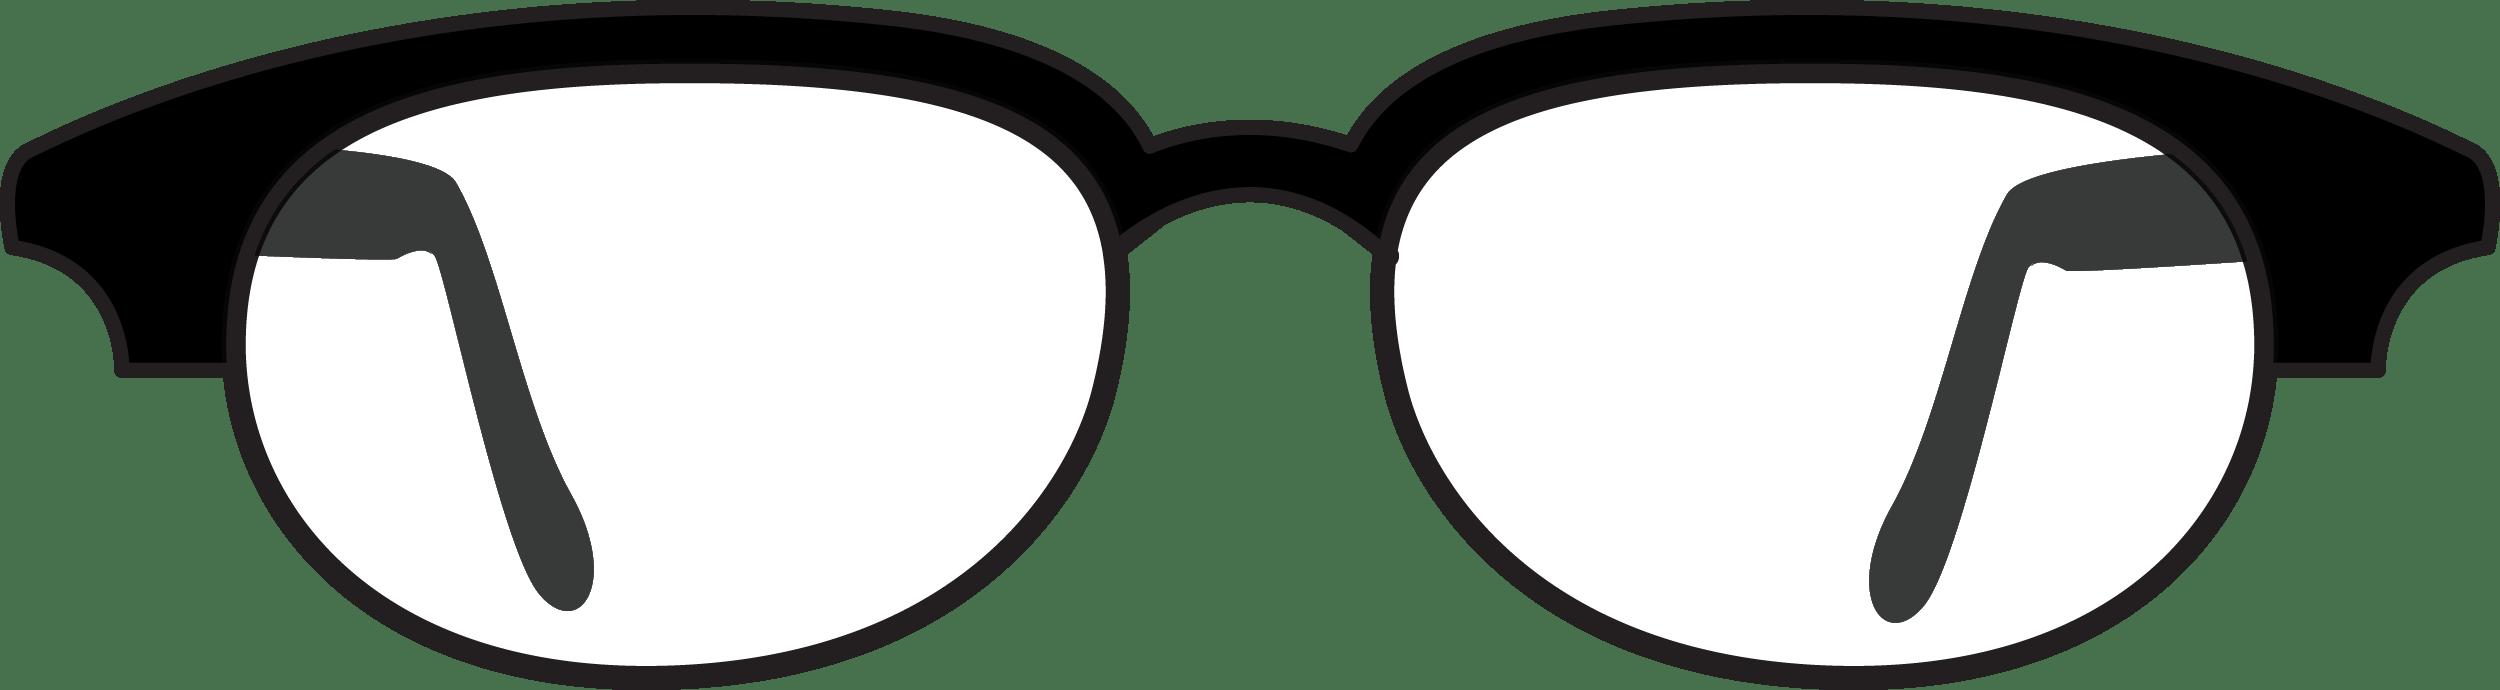 Designer Glasses PNG